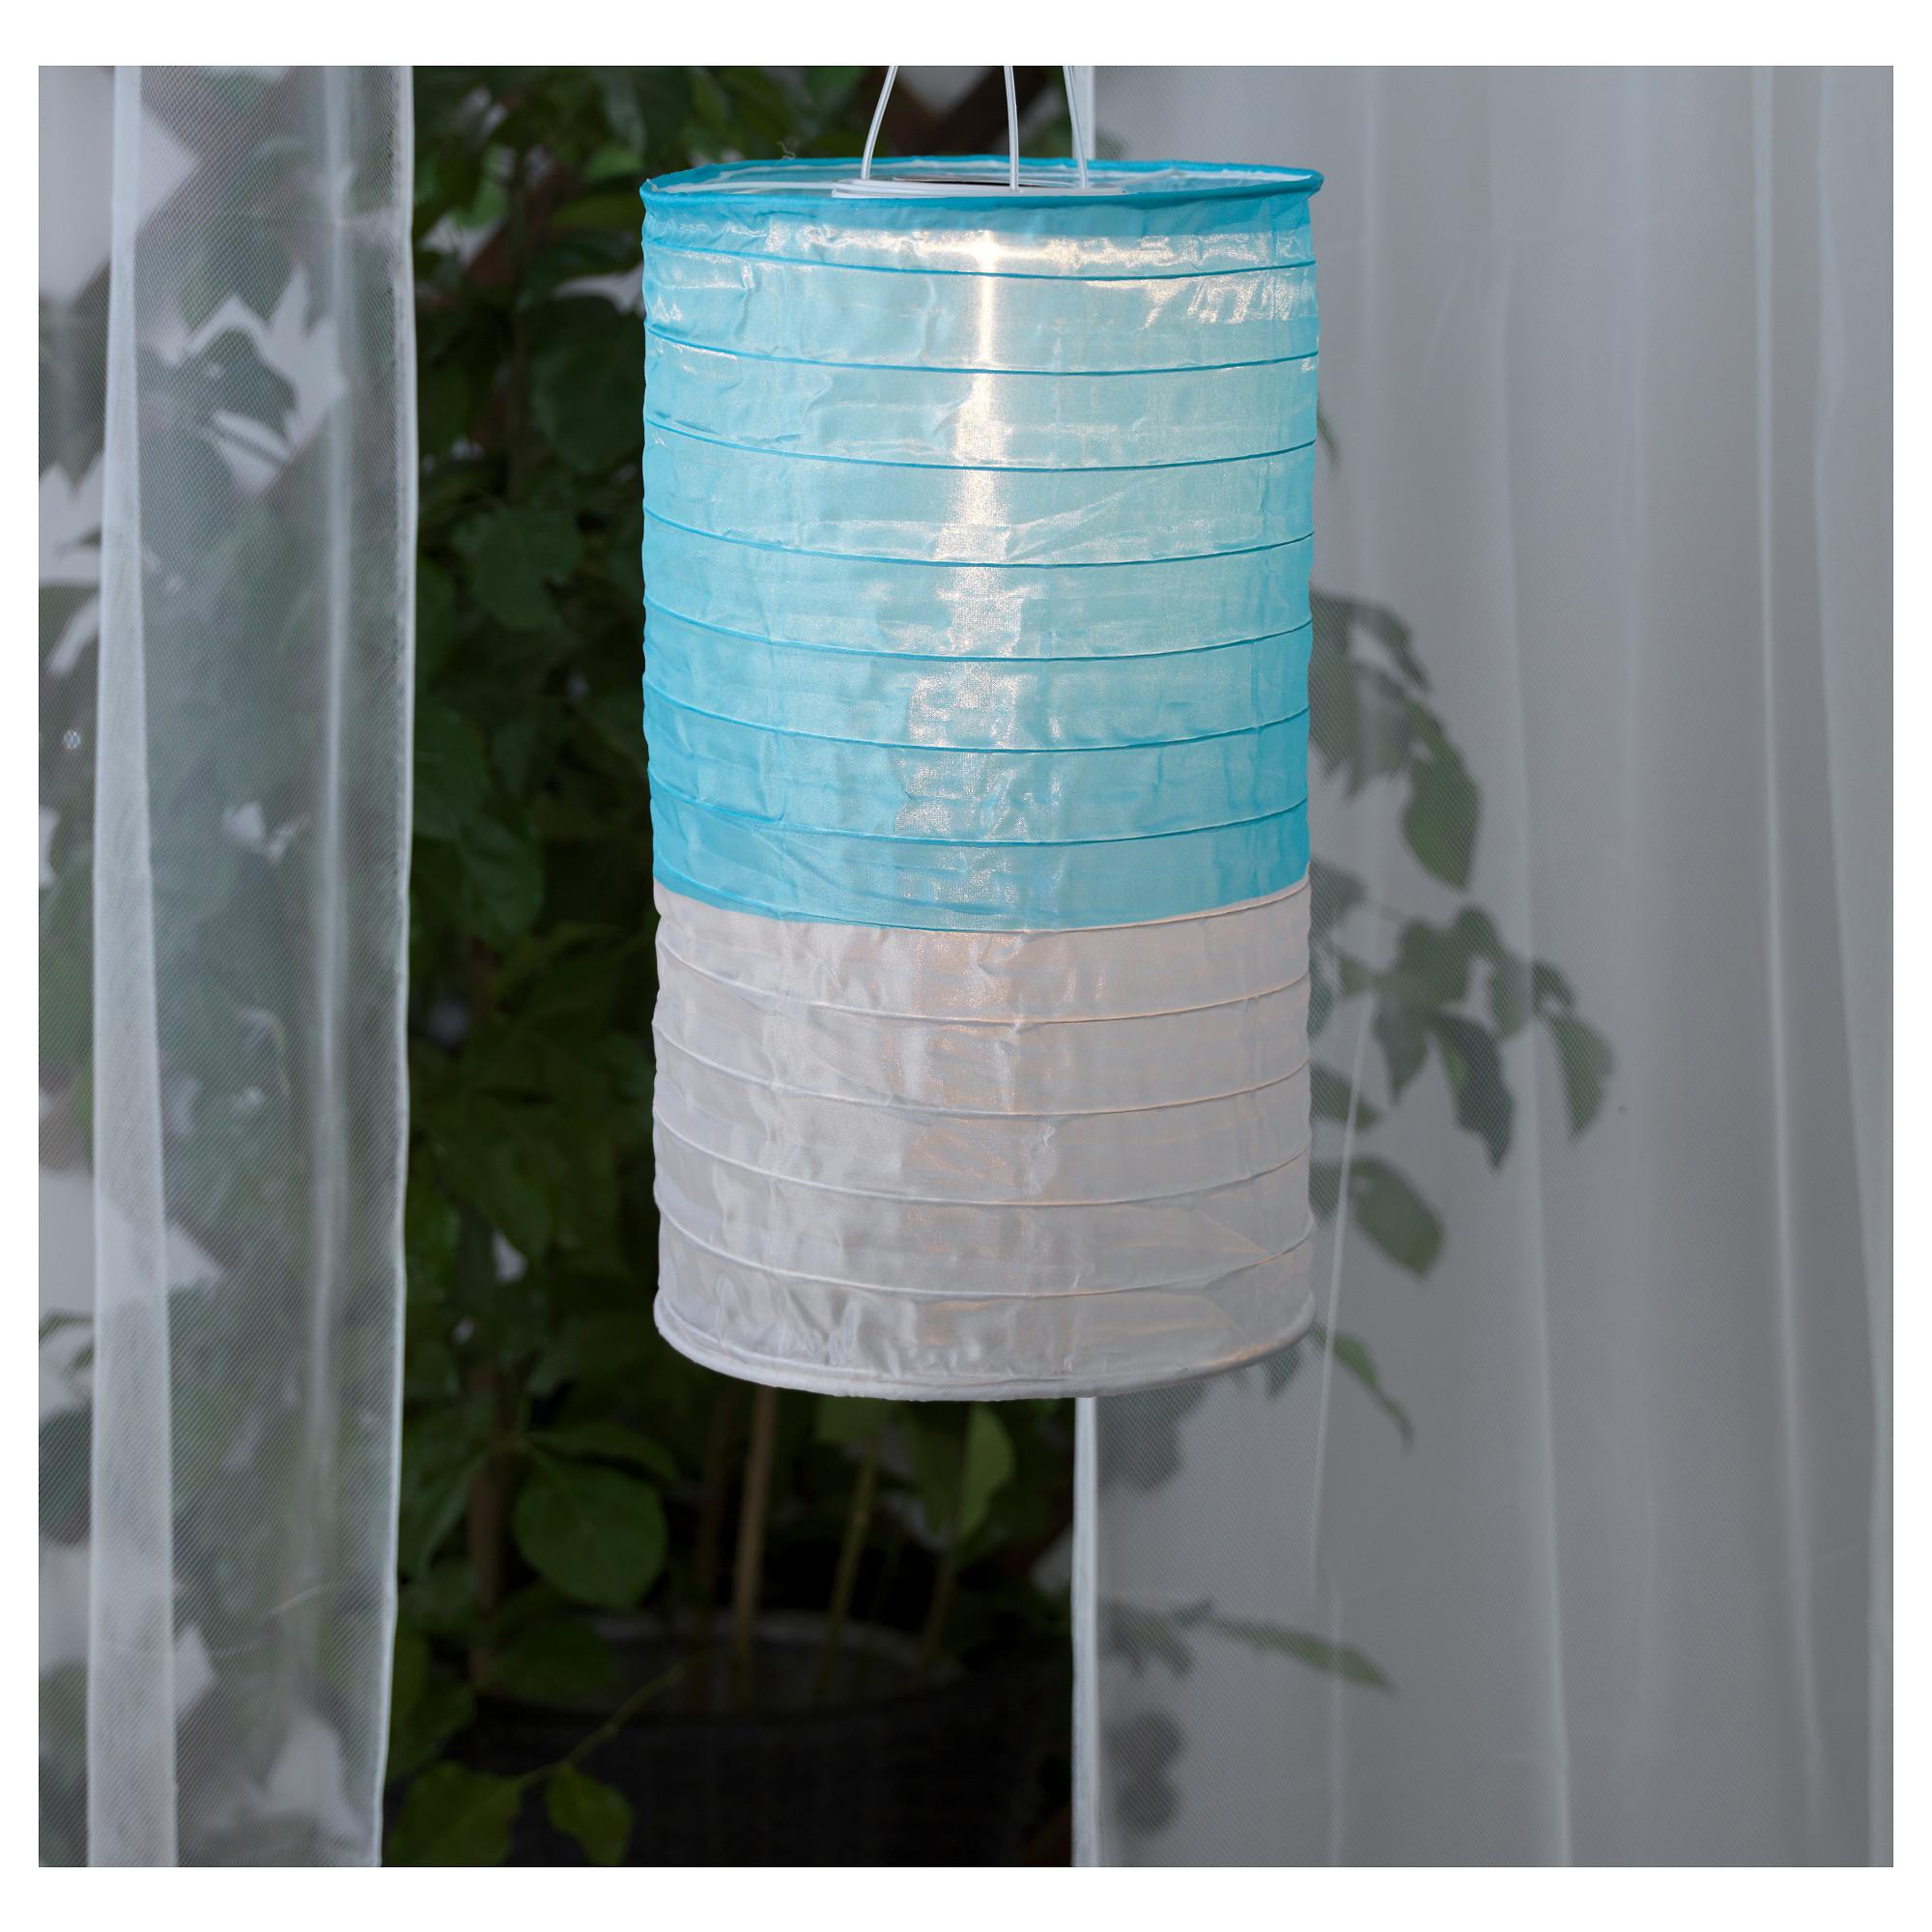 Подвесной светильник на солнечн батарея СОЛВИДЕН синий артикуль № 203.831.87 в наличии. Онлайн каталог IKEA РБ. Недорогая доставка и соборка.